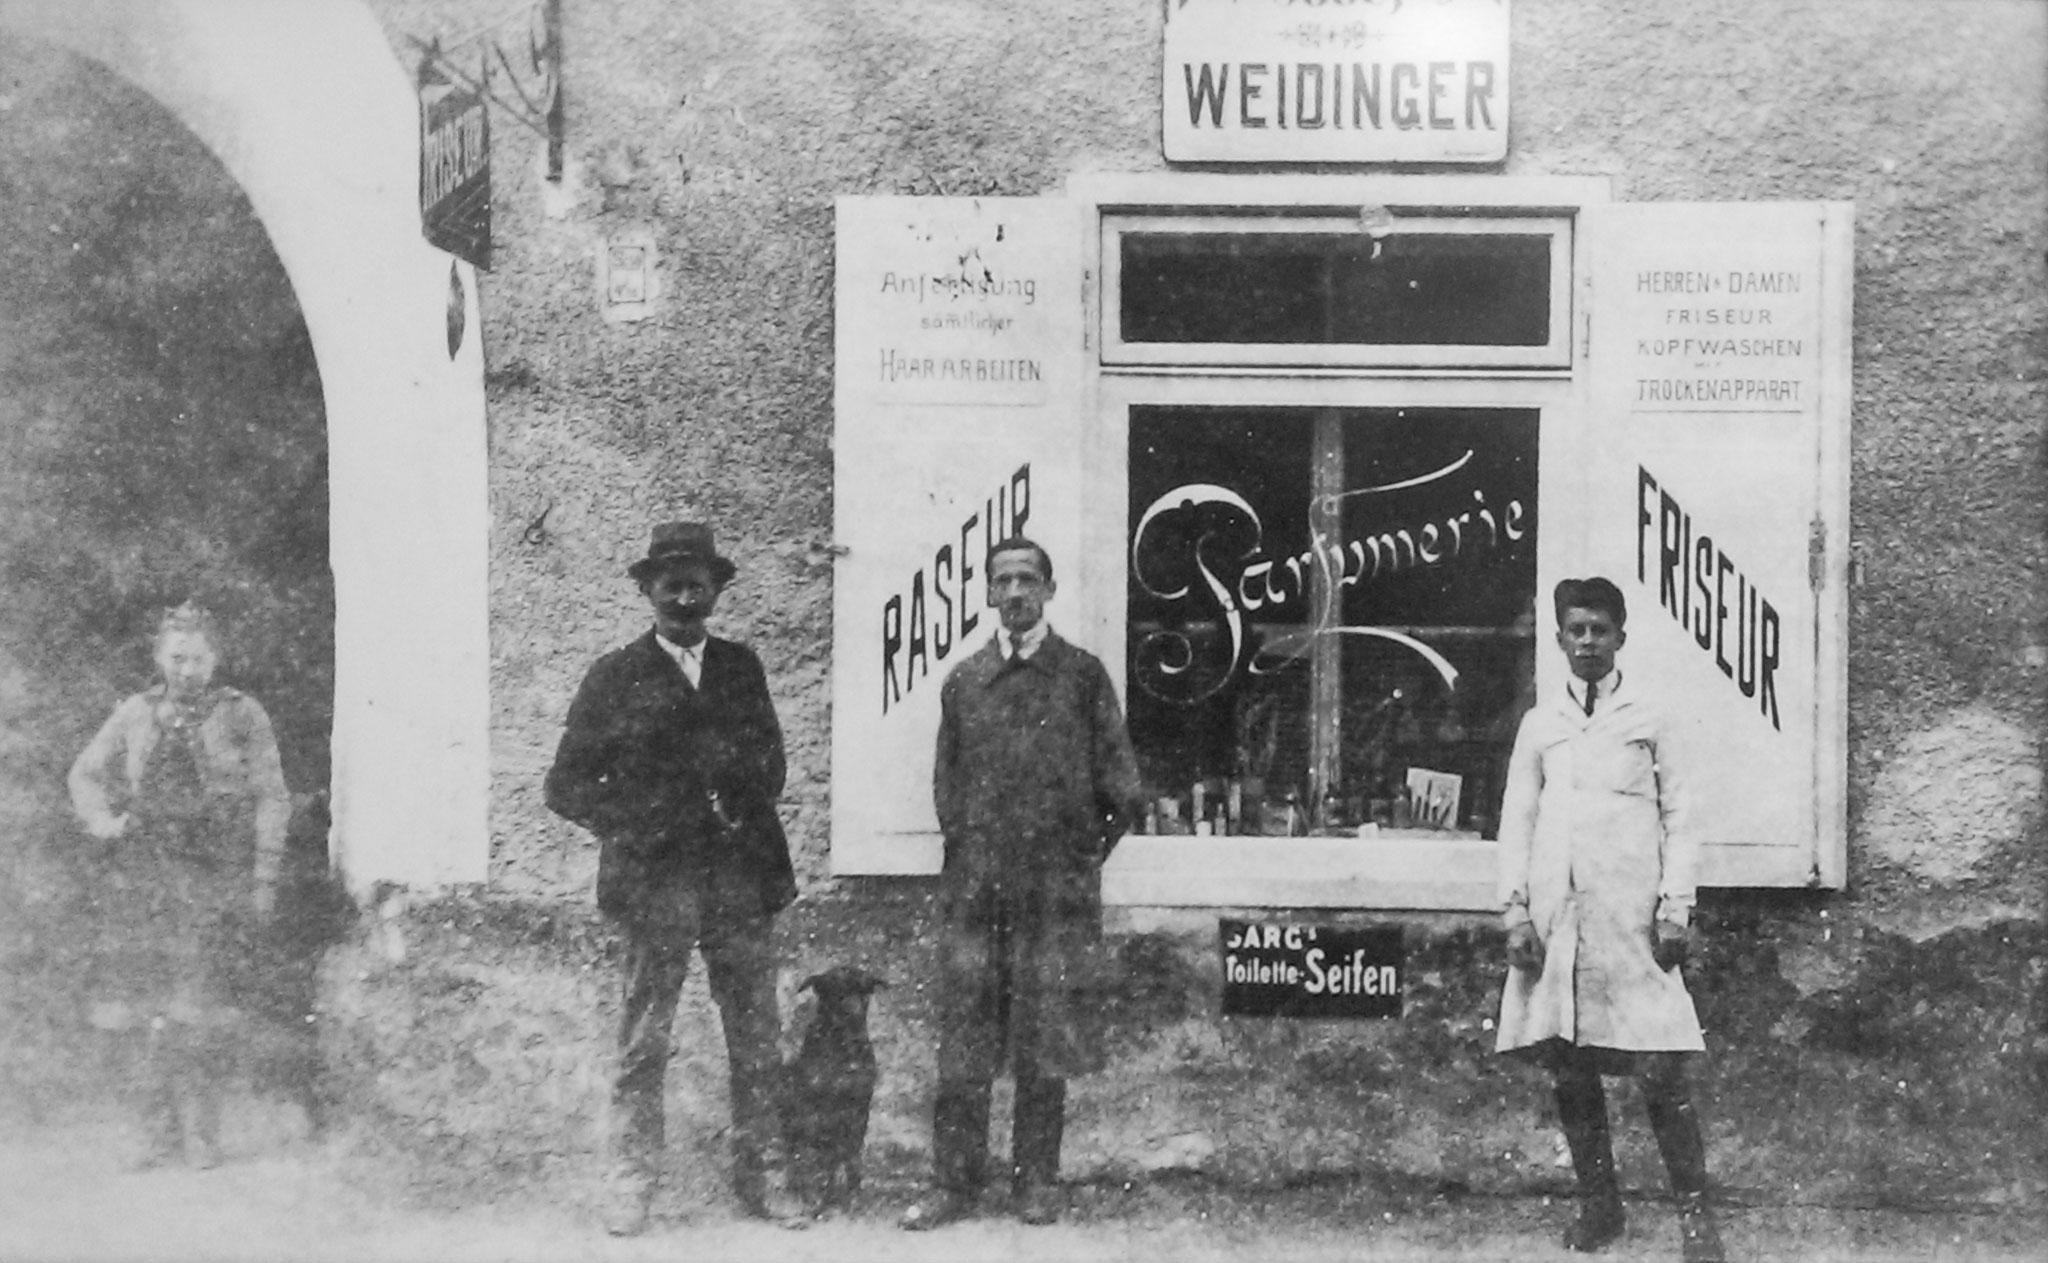 Friseur Weidinger Geschichte